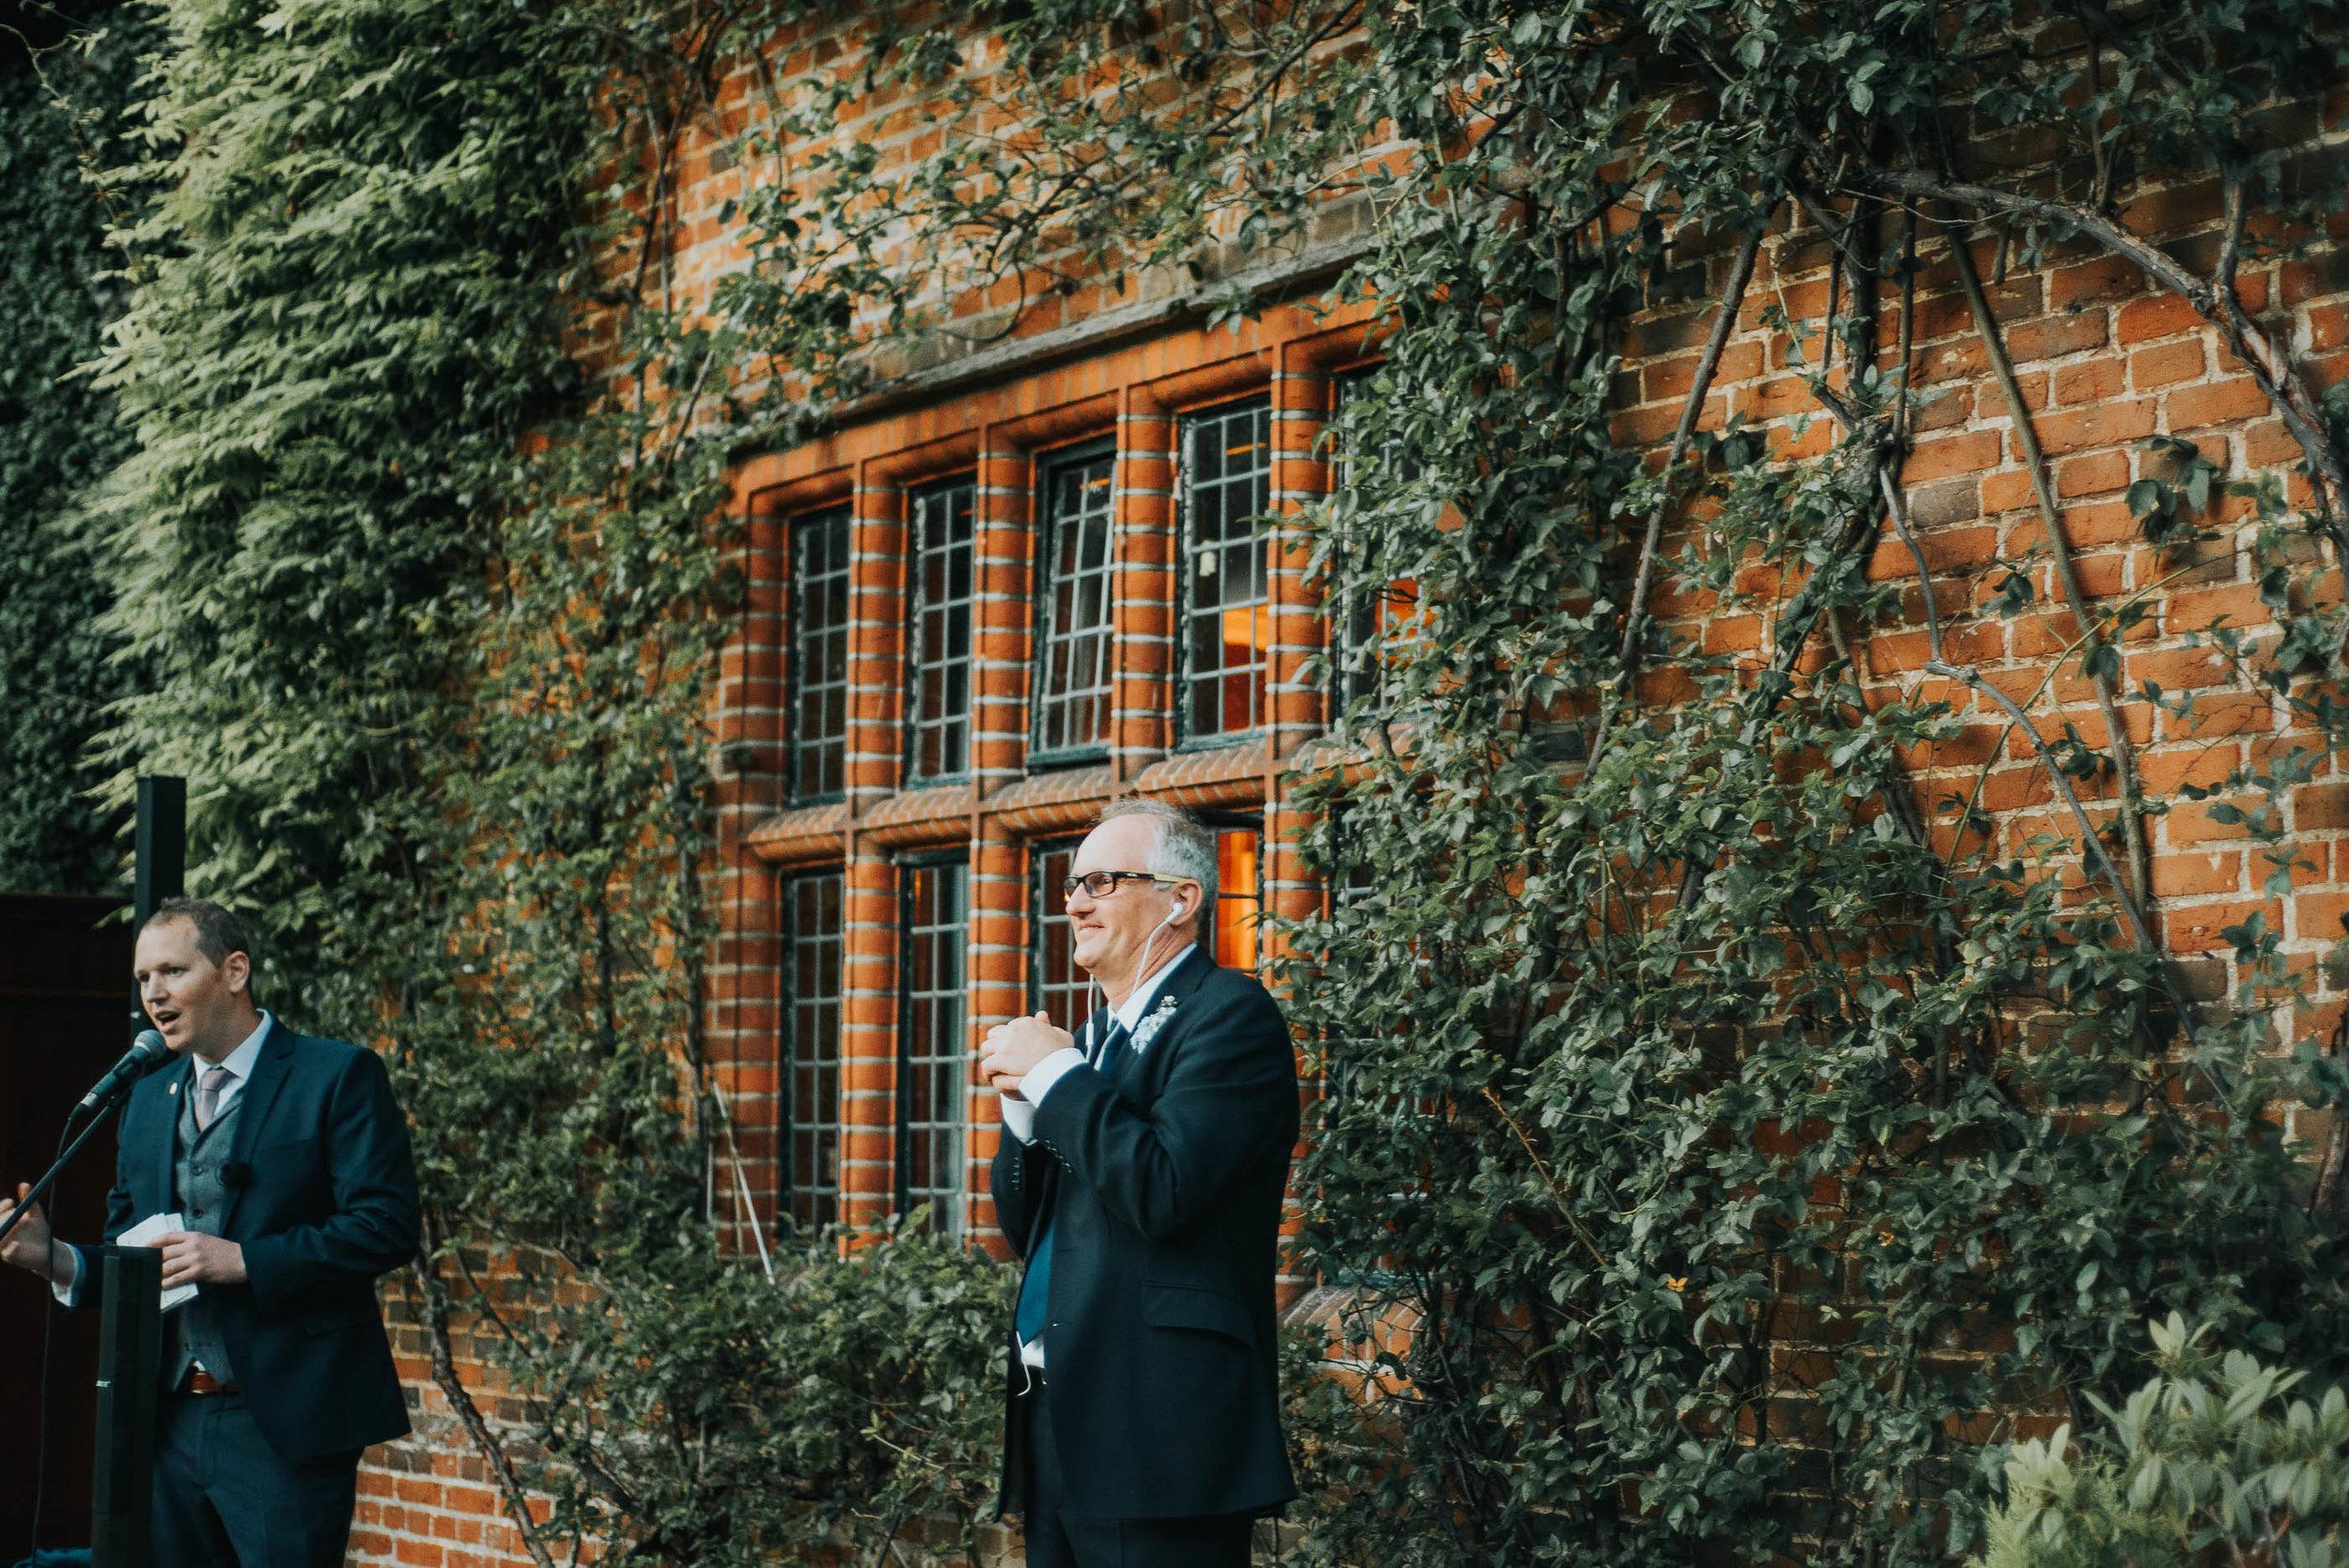 Creative Unique Wedding Photographer Essex Suffolk UK Wedding Photographer www.purplepeartreephotography.com (996).JPG